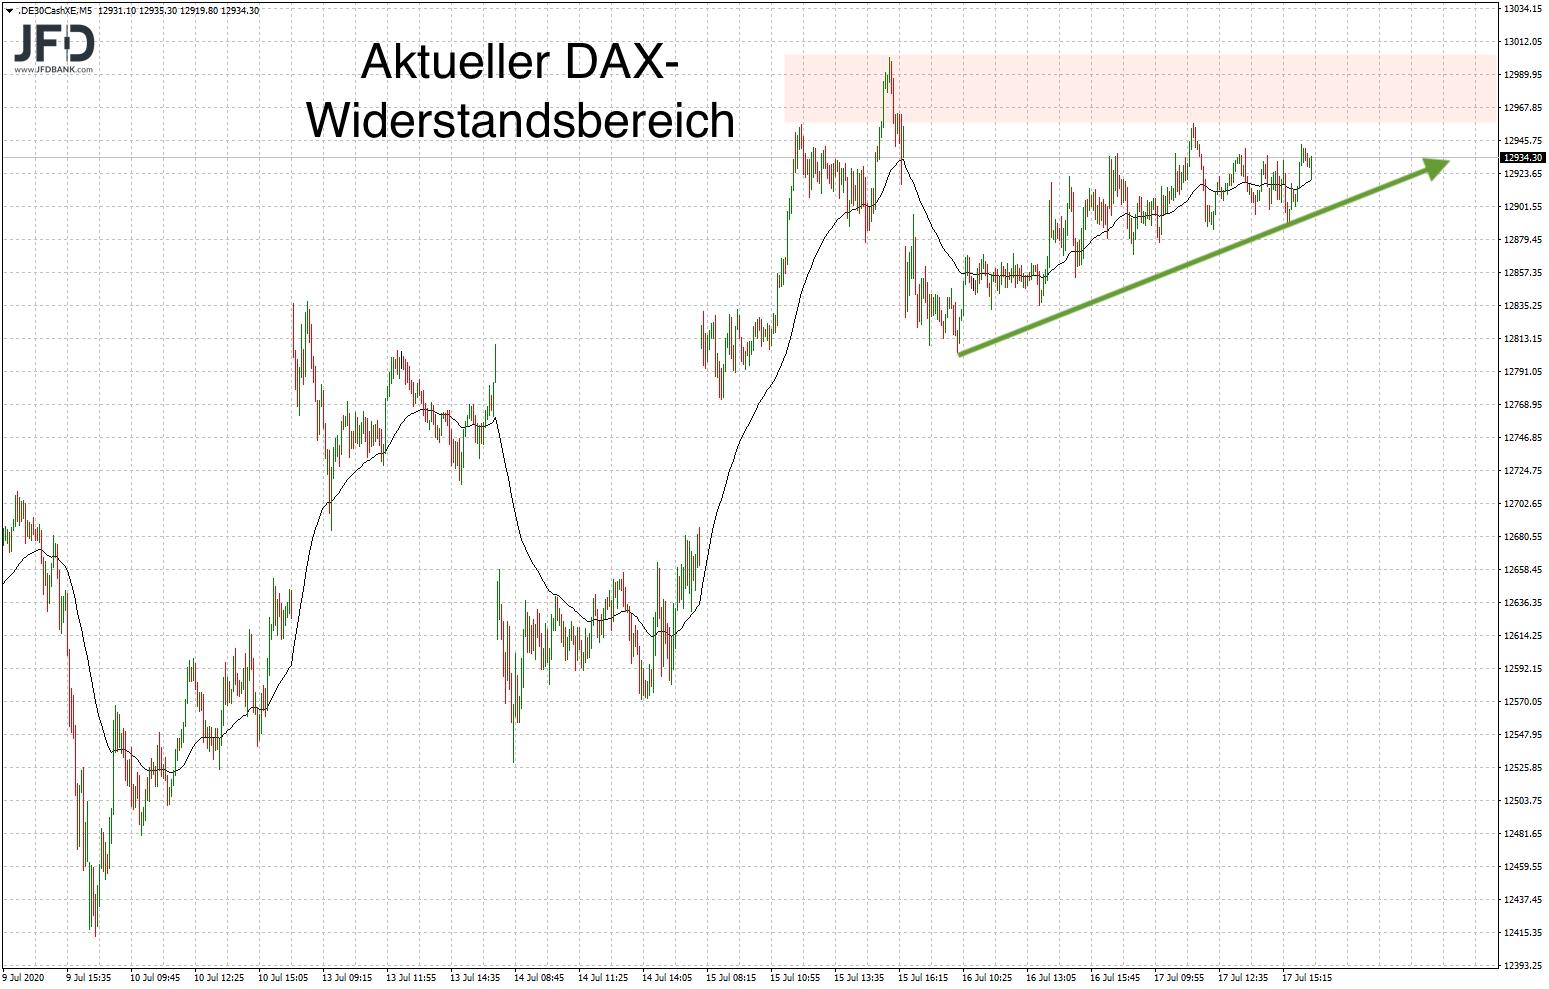 DAX-Anlauf zur Widerstandszone